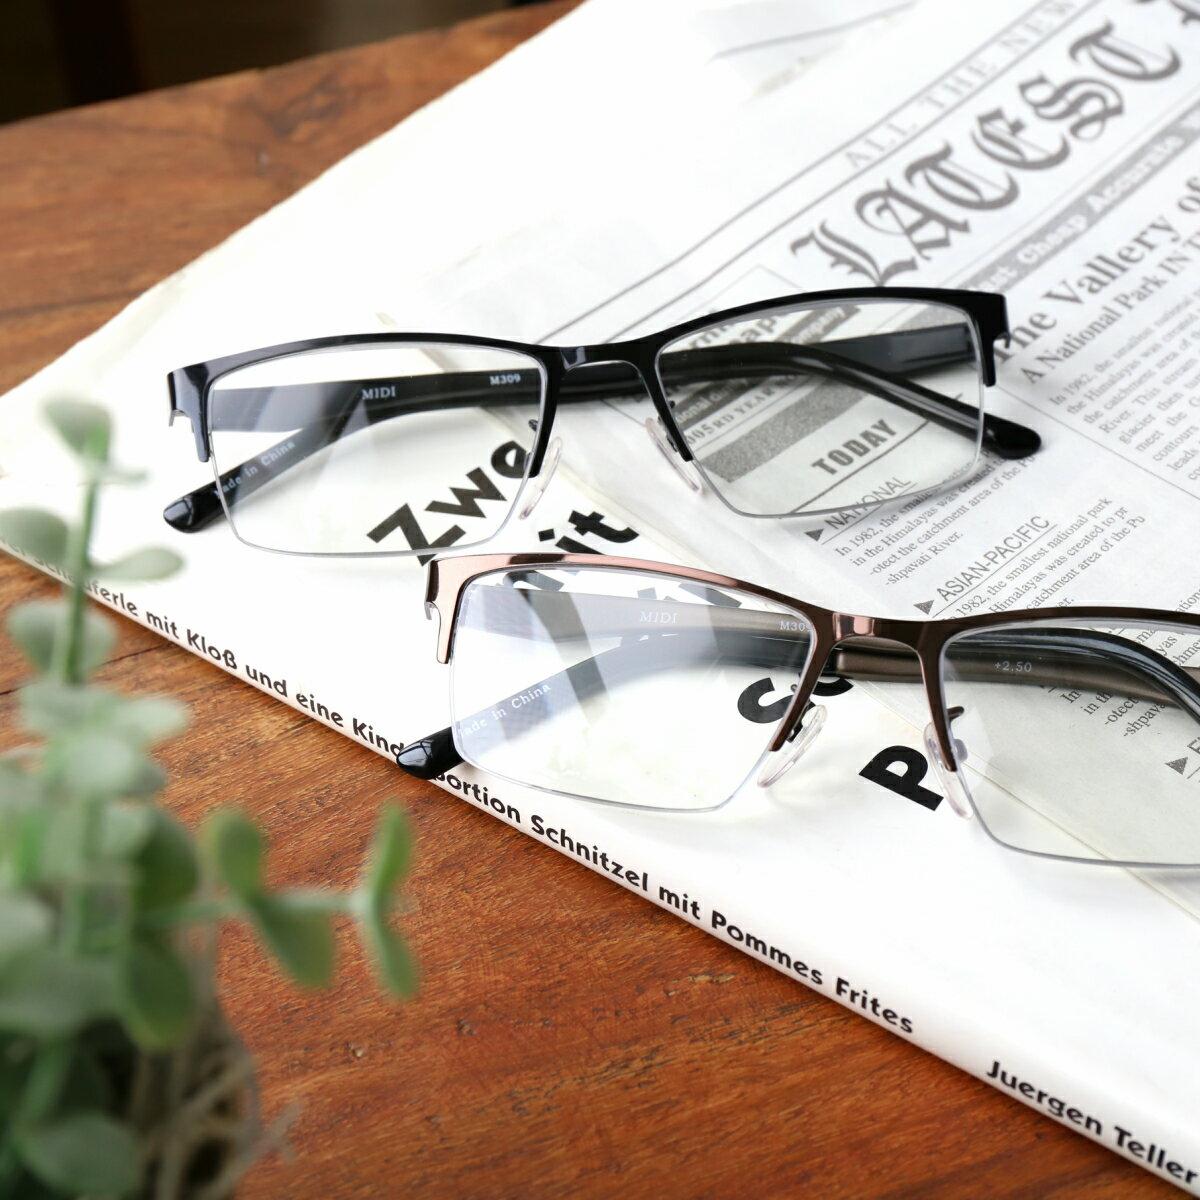 【送料無料・無料返品可能】 老眼鏡 男性 おしゃれ ブルーライトカット ブルーライト リーディンググラス シニアグラス(M-309)選べる3カラー 男性用 老眼鏡